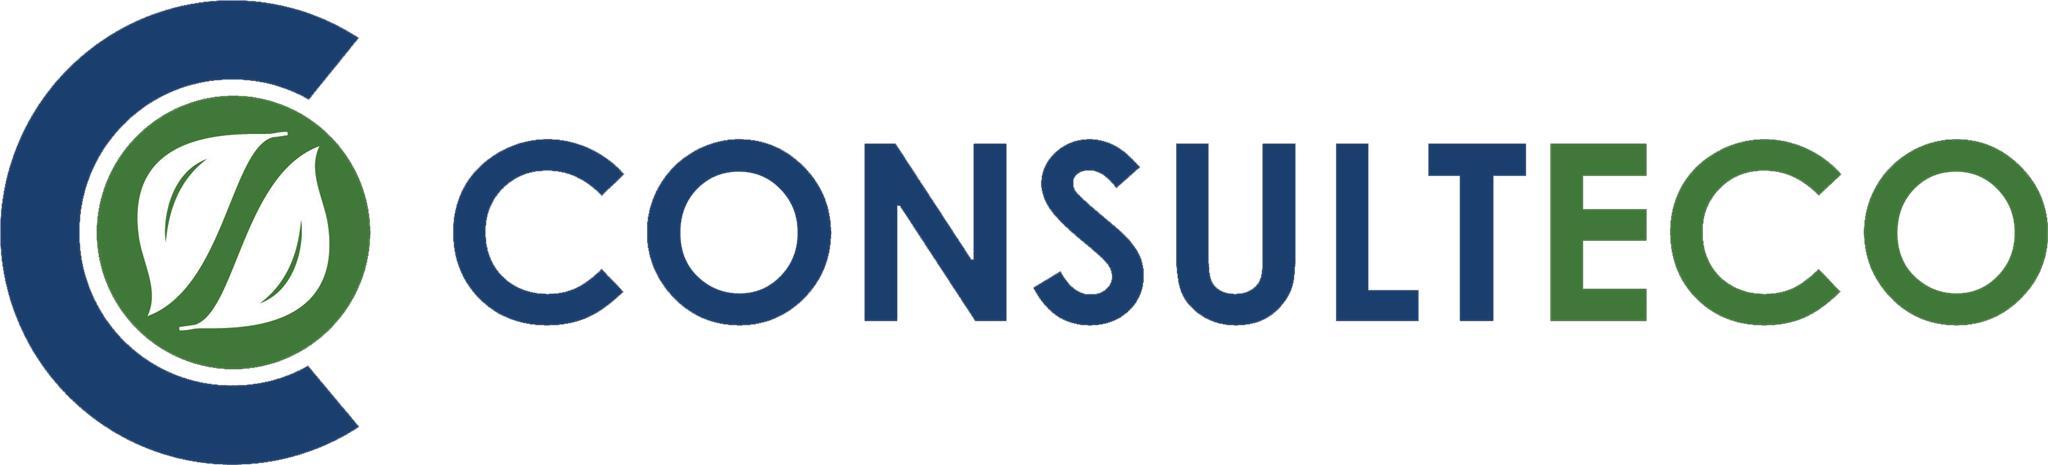 Consulteco Limited